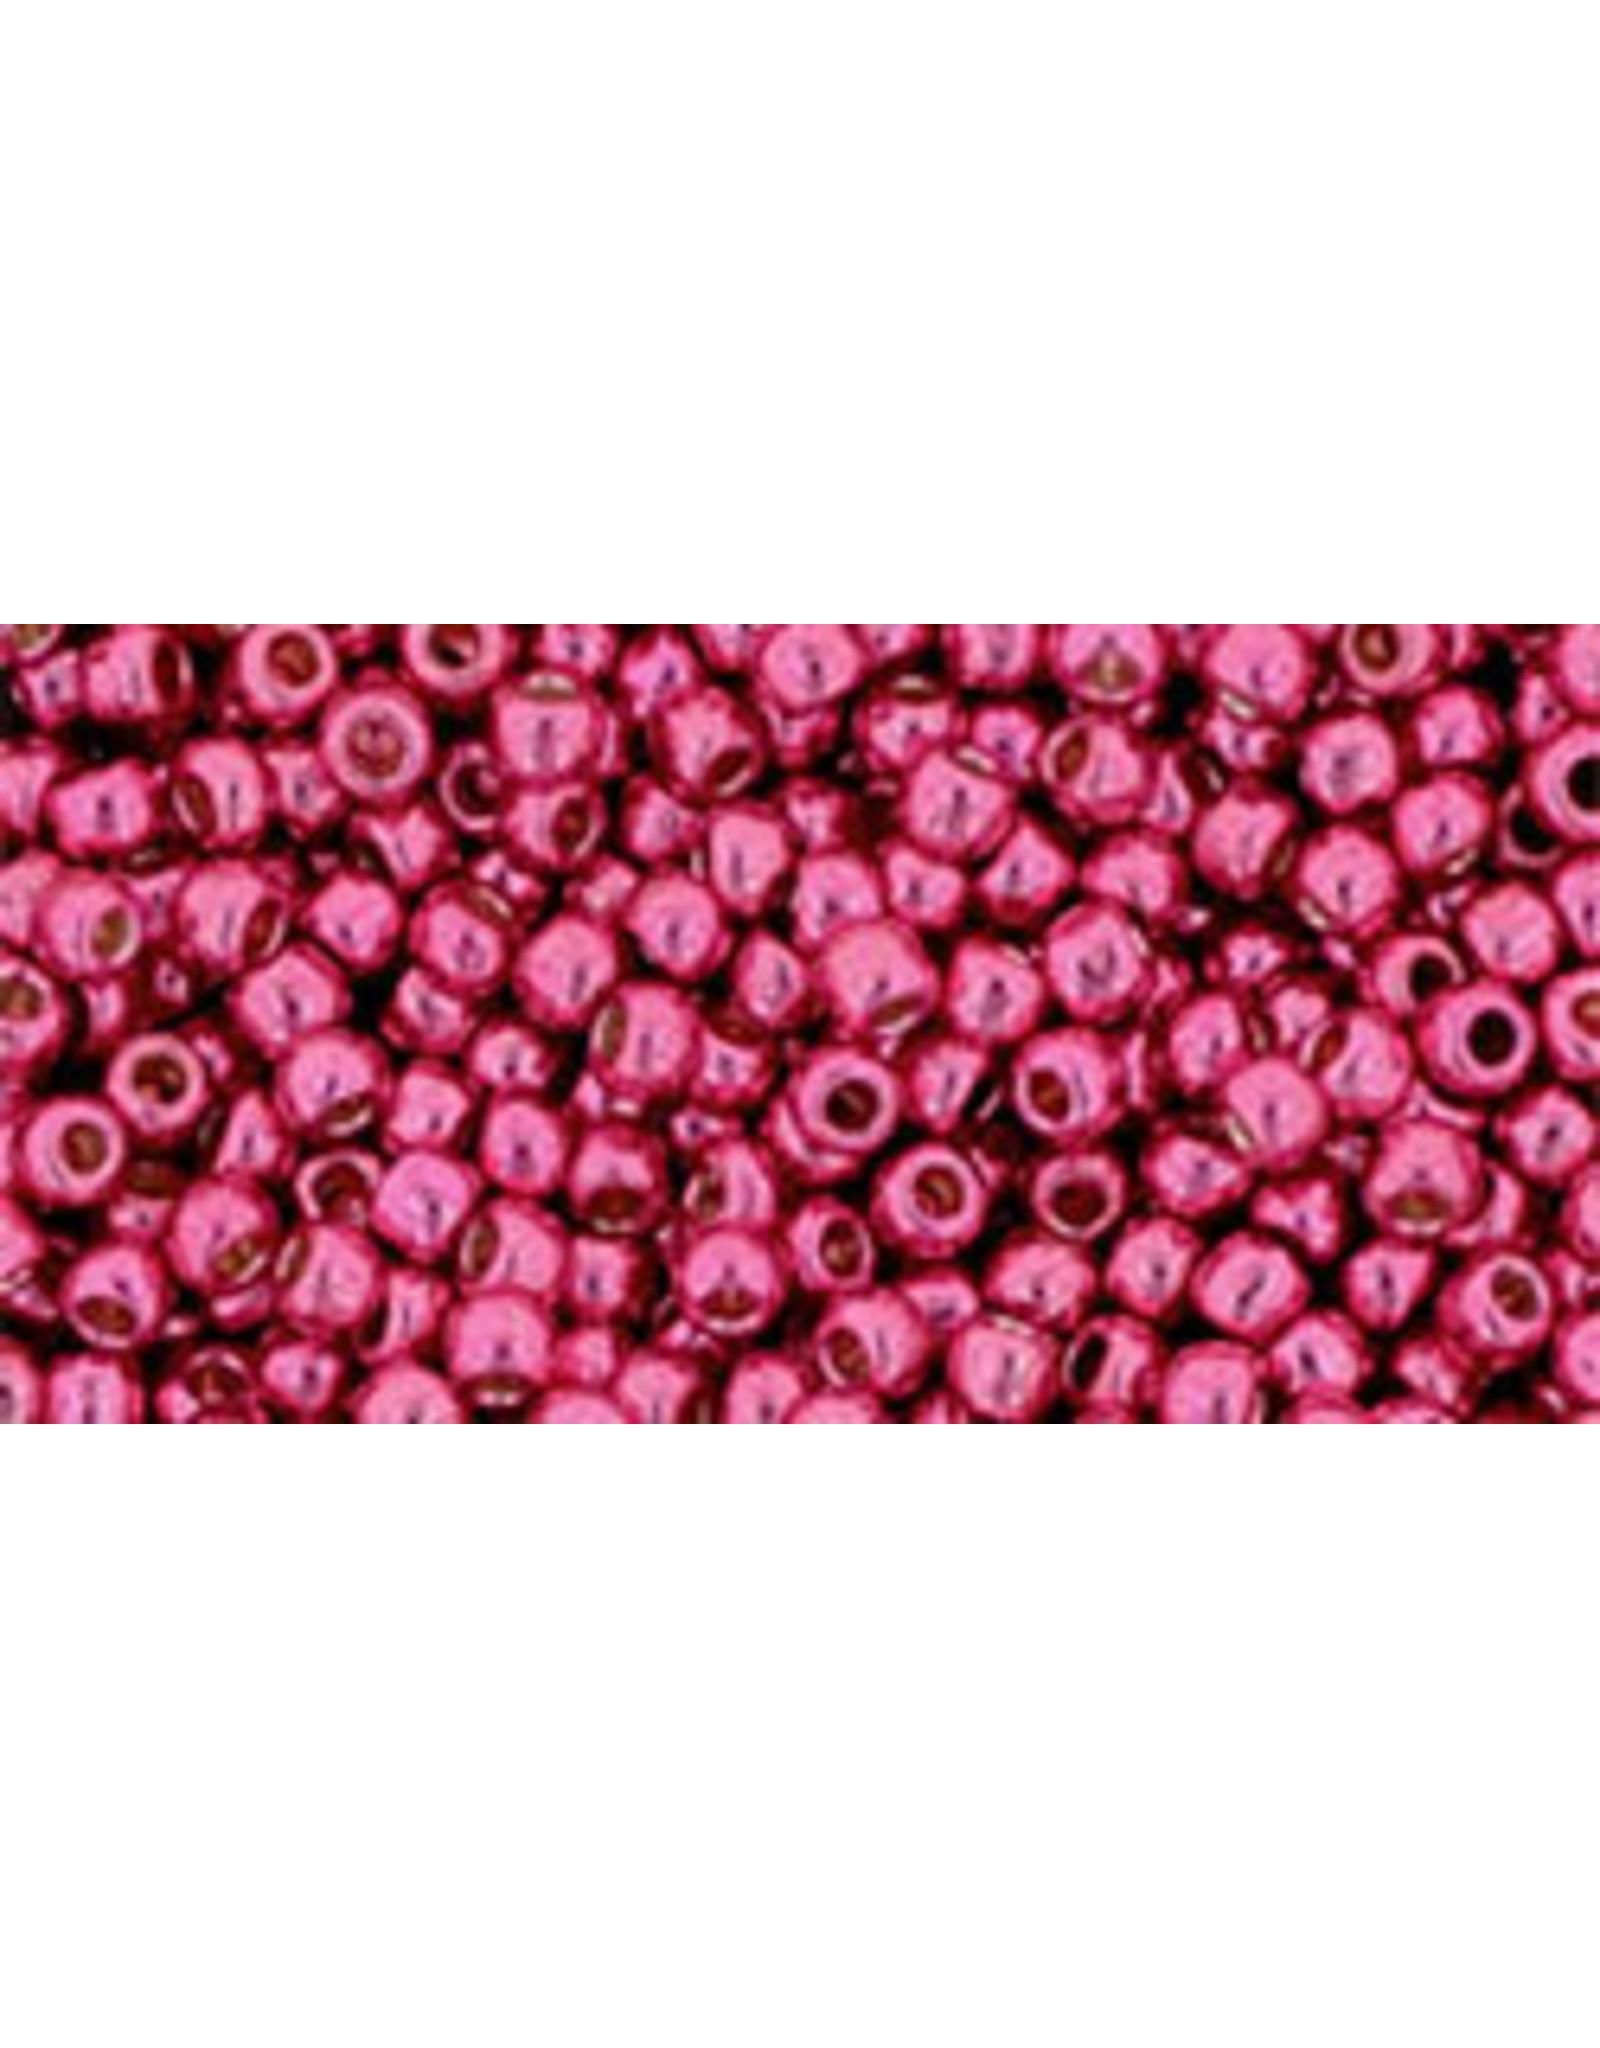 Toho pf563 11 Toho Round 6g Pink Orchid Metallic